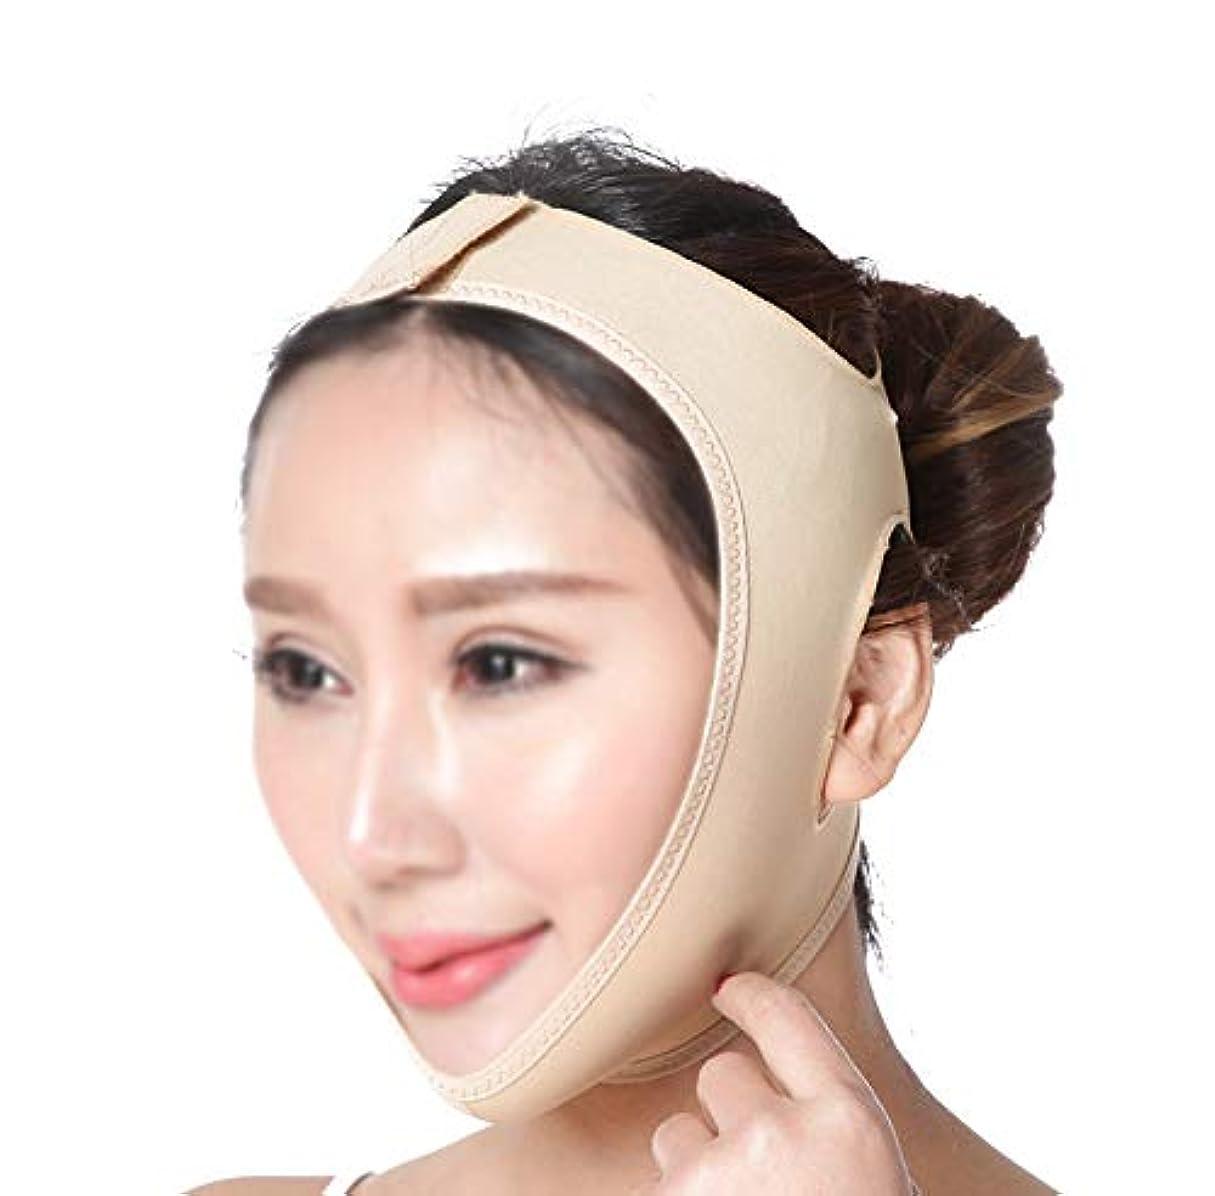 下着枯渇エンターテインメント美容顔包帯v顔楽器フェイスマスクアーティファクトフェイスリフト引き締め睡眠ネットワークフェイシャルマッサージ (Size : S)